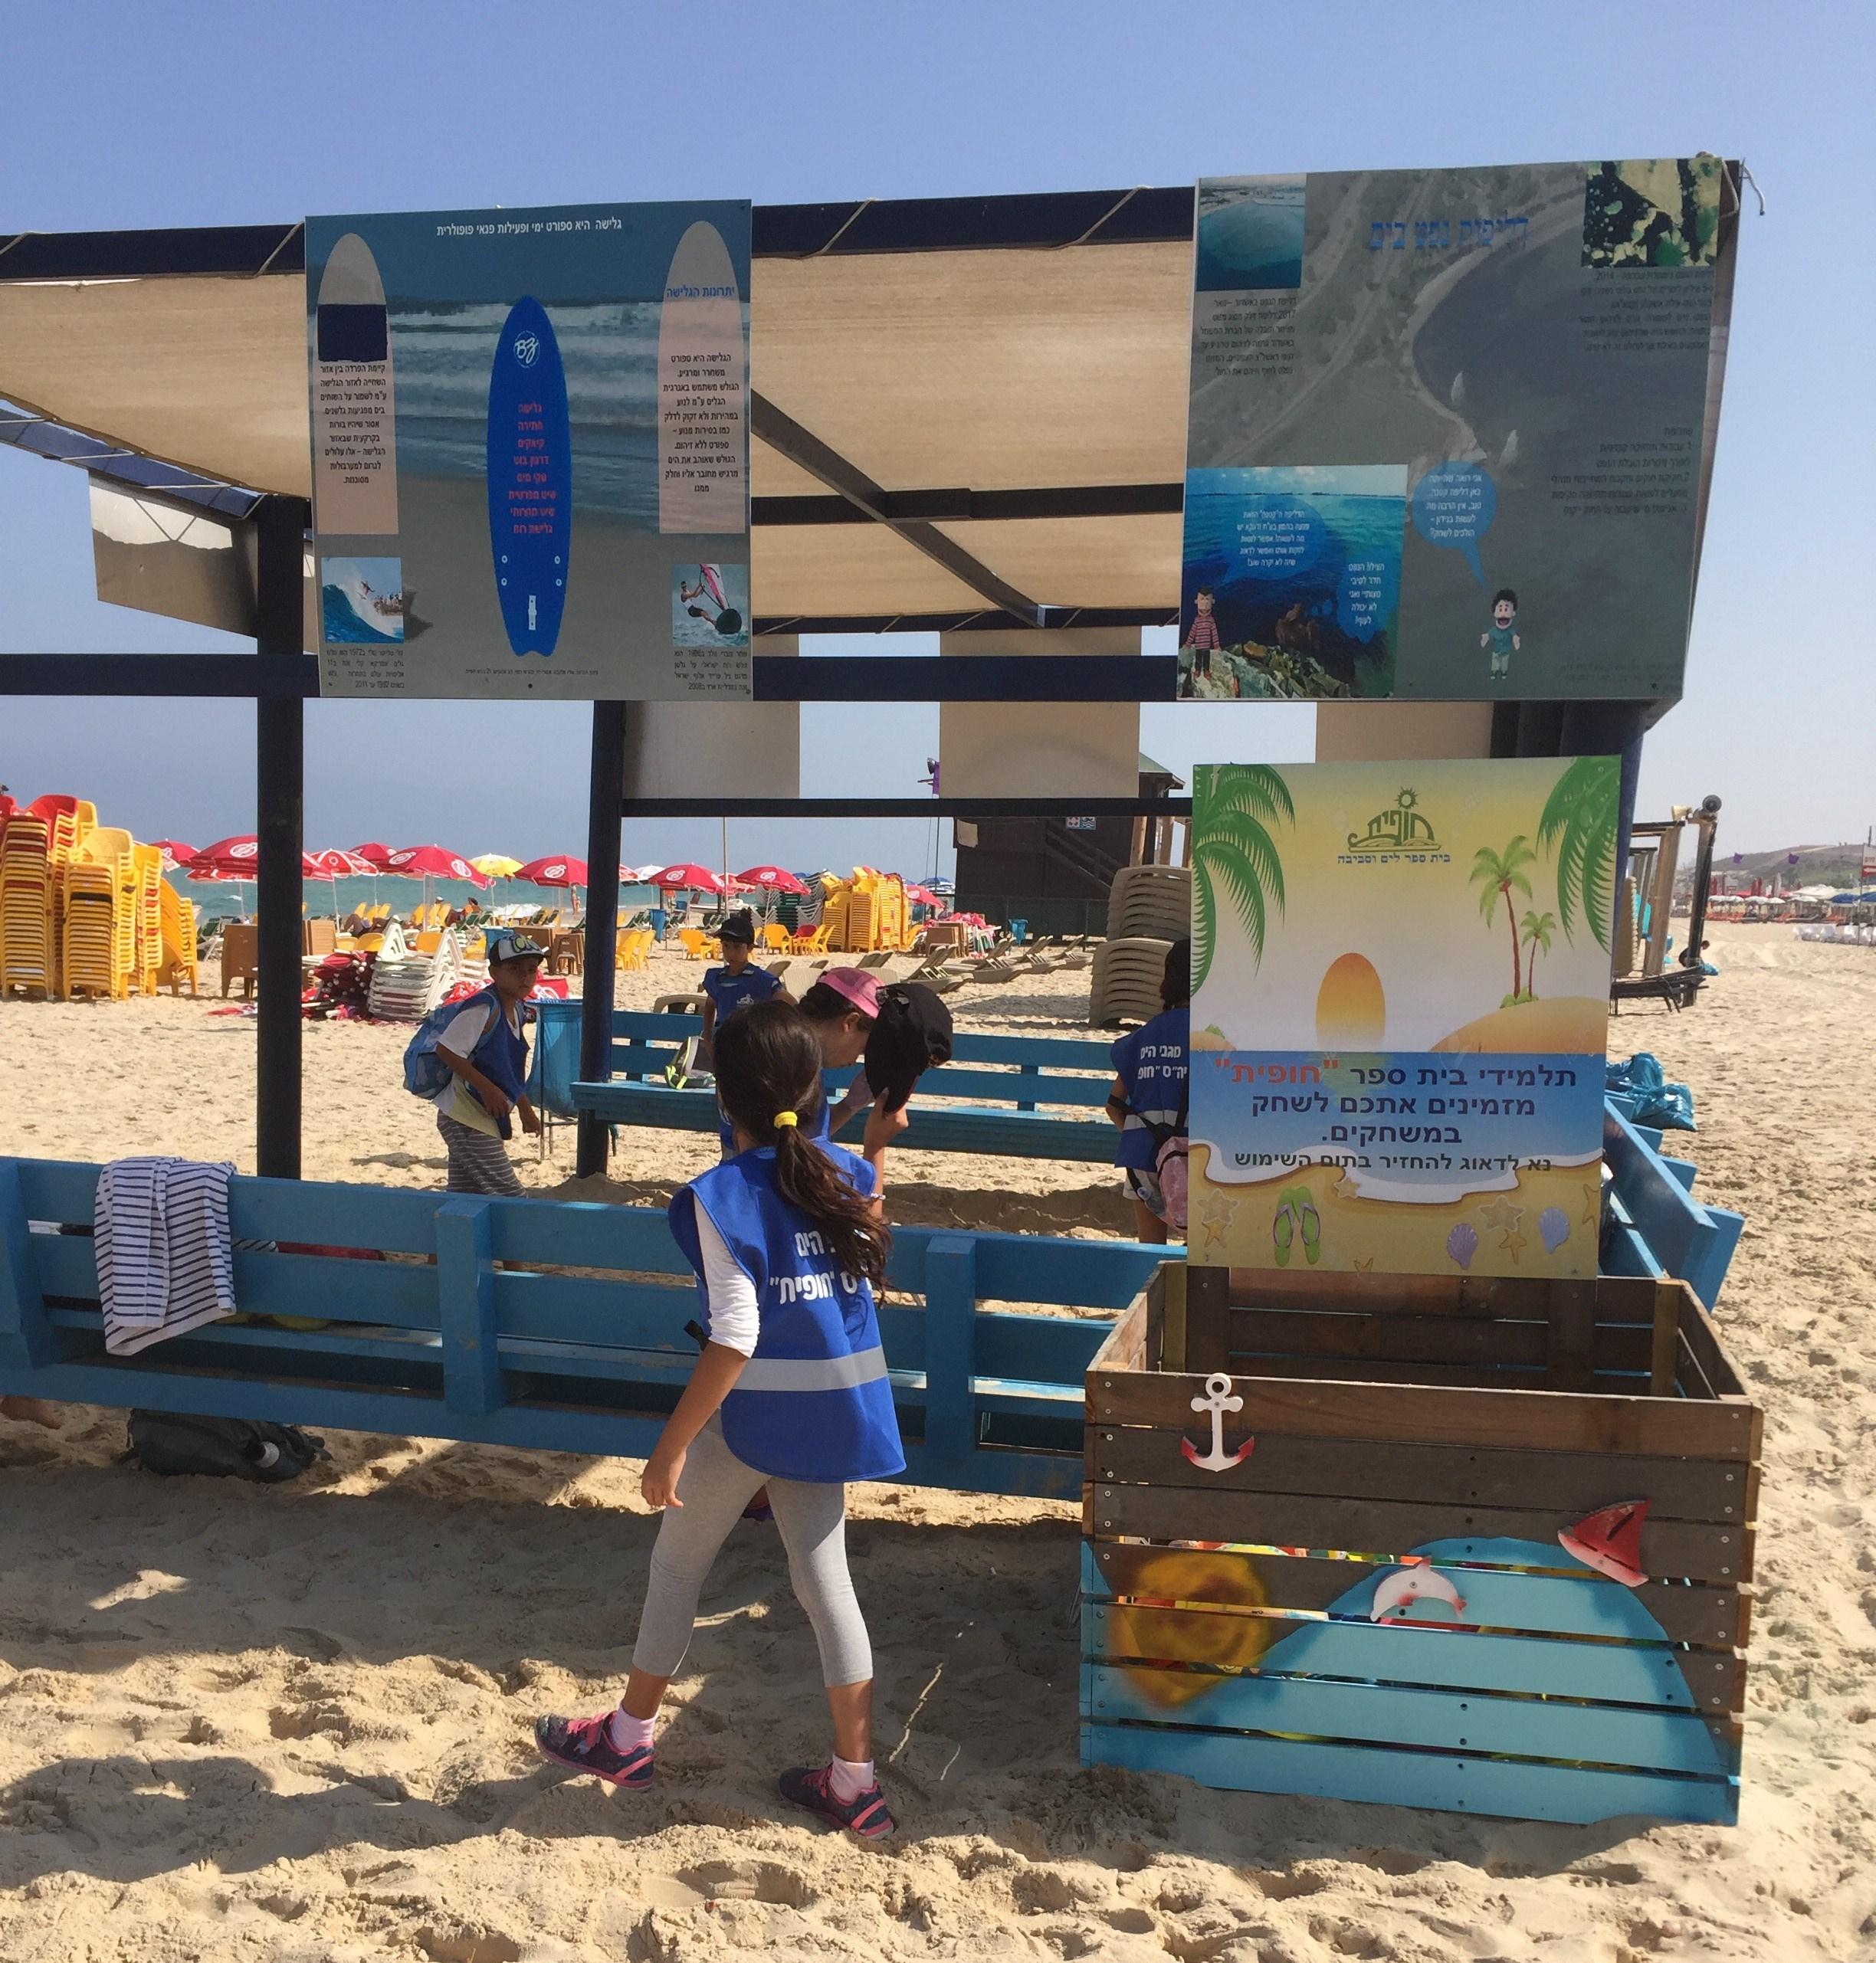 ארגז המשחקים שתלמידי חופית הציבו בחוף